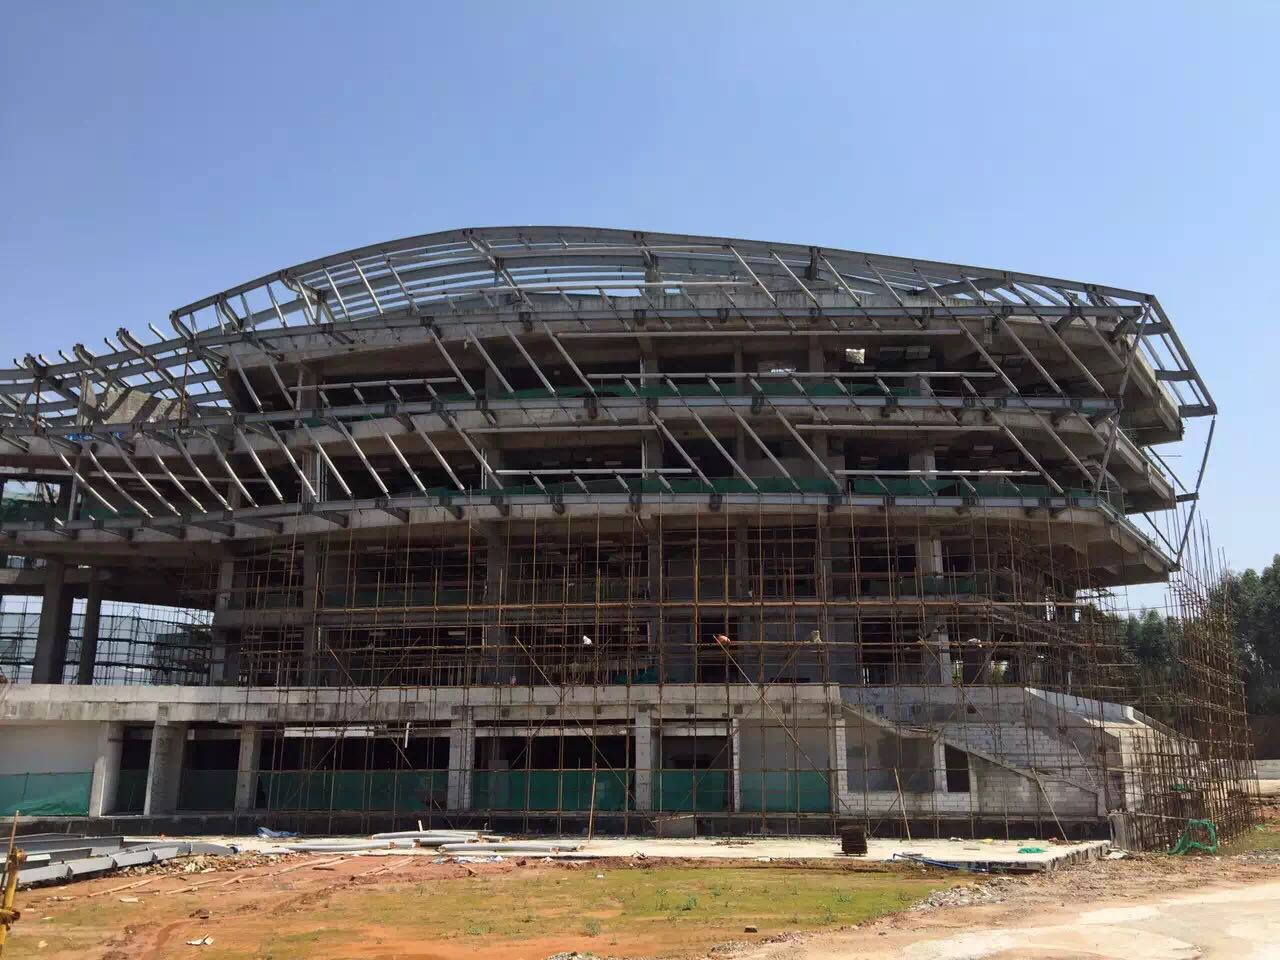 来自邹开文发布的供应信息:专业承接钢结构工程... - 惠州市骐任钢构工程有限公司